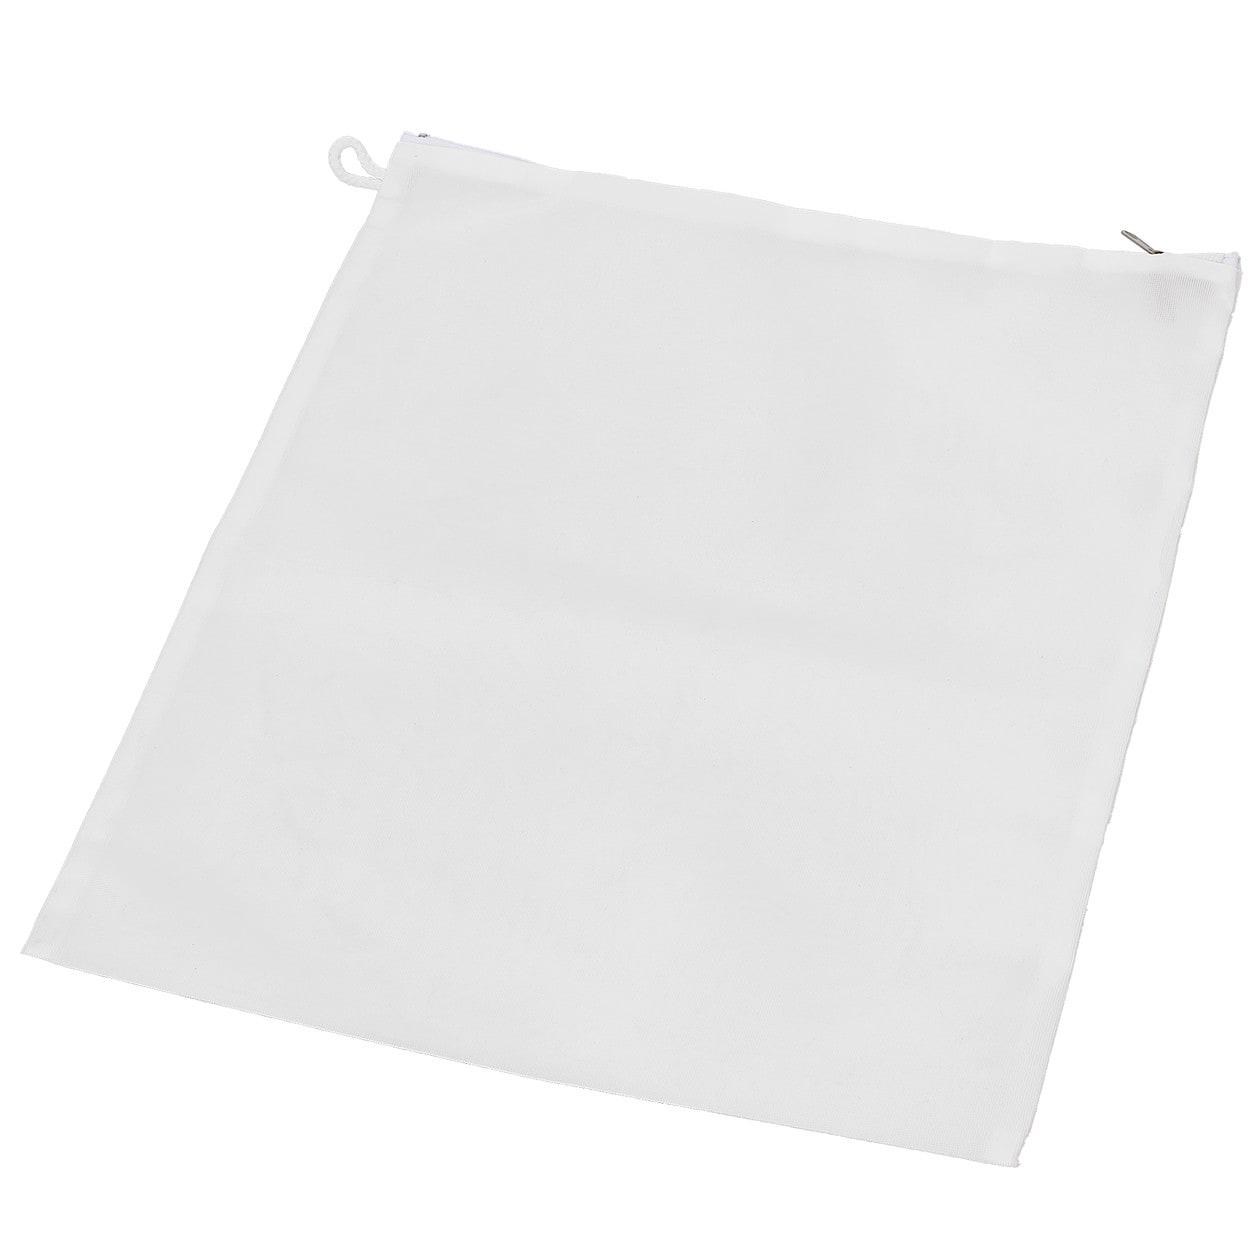 無印 両面使える洗濯ネット・平型 約縦40×横35cm